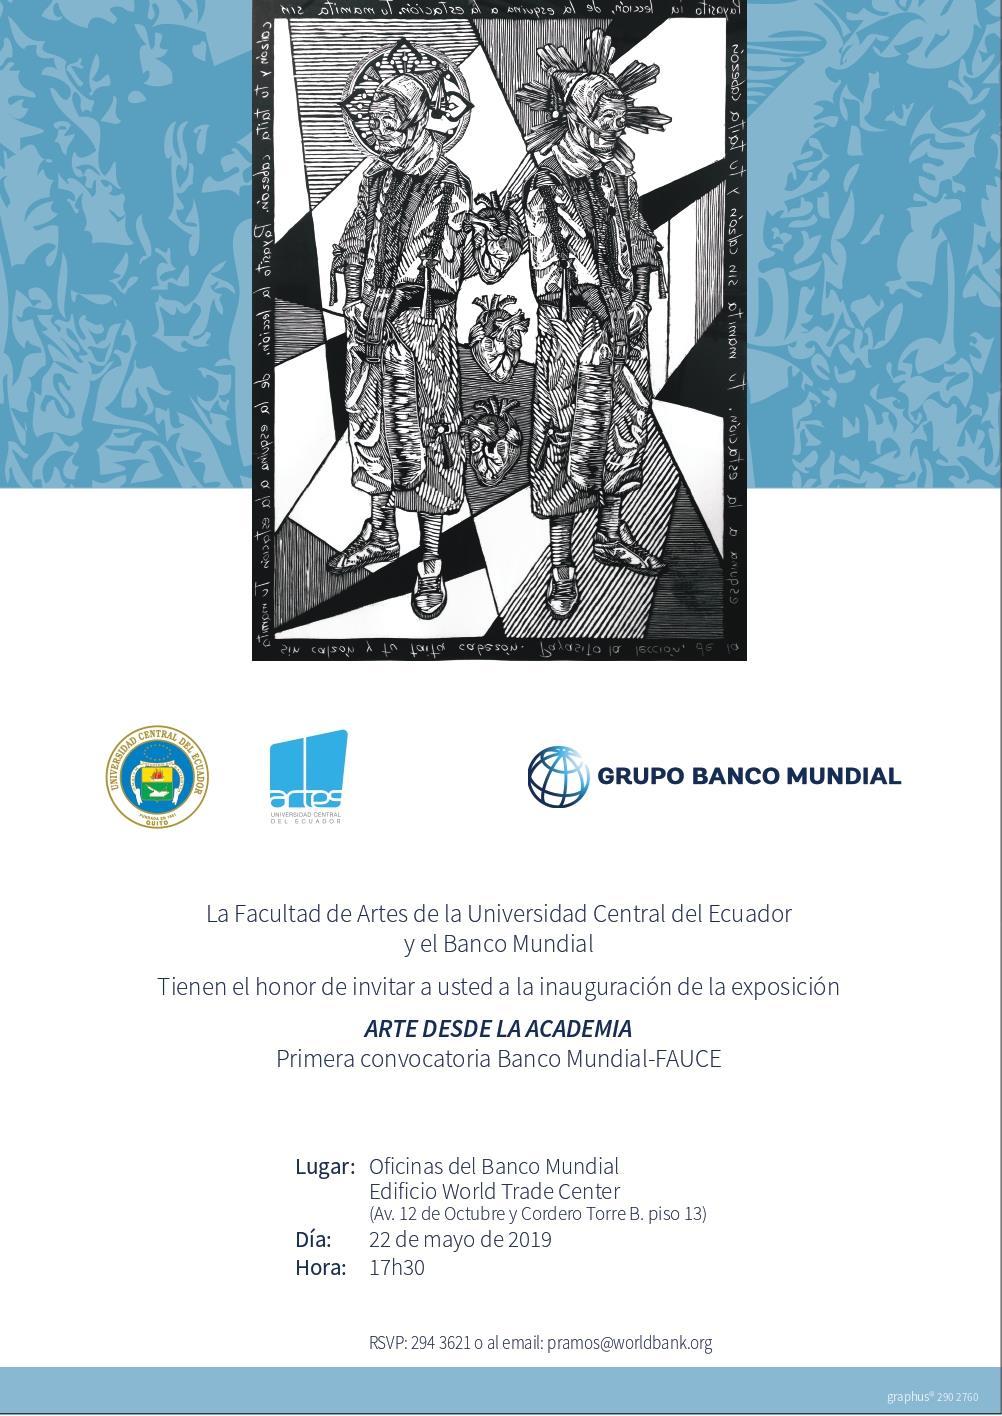 FACULTAD DE ARTES Y EL BANCO MUNDIAL